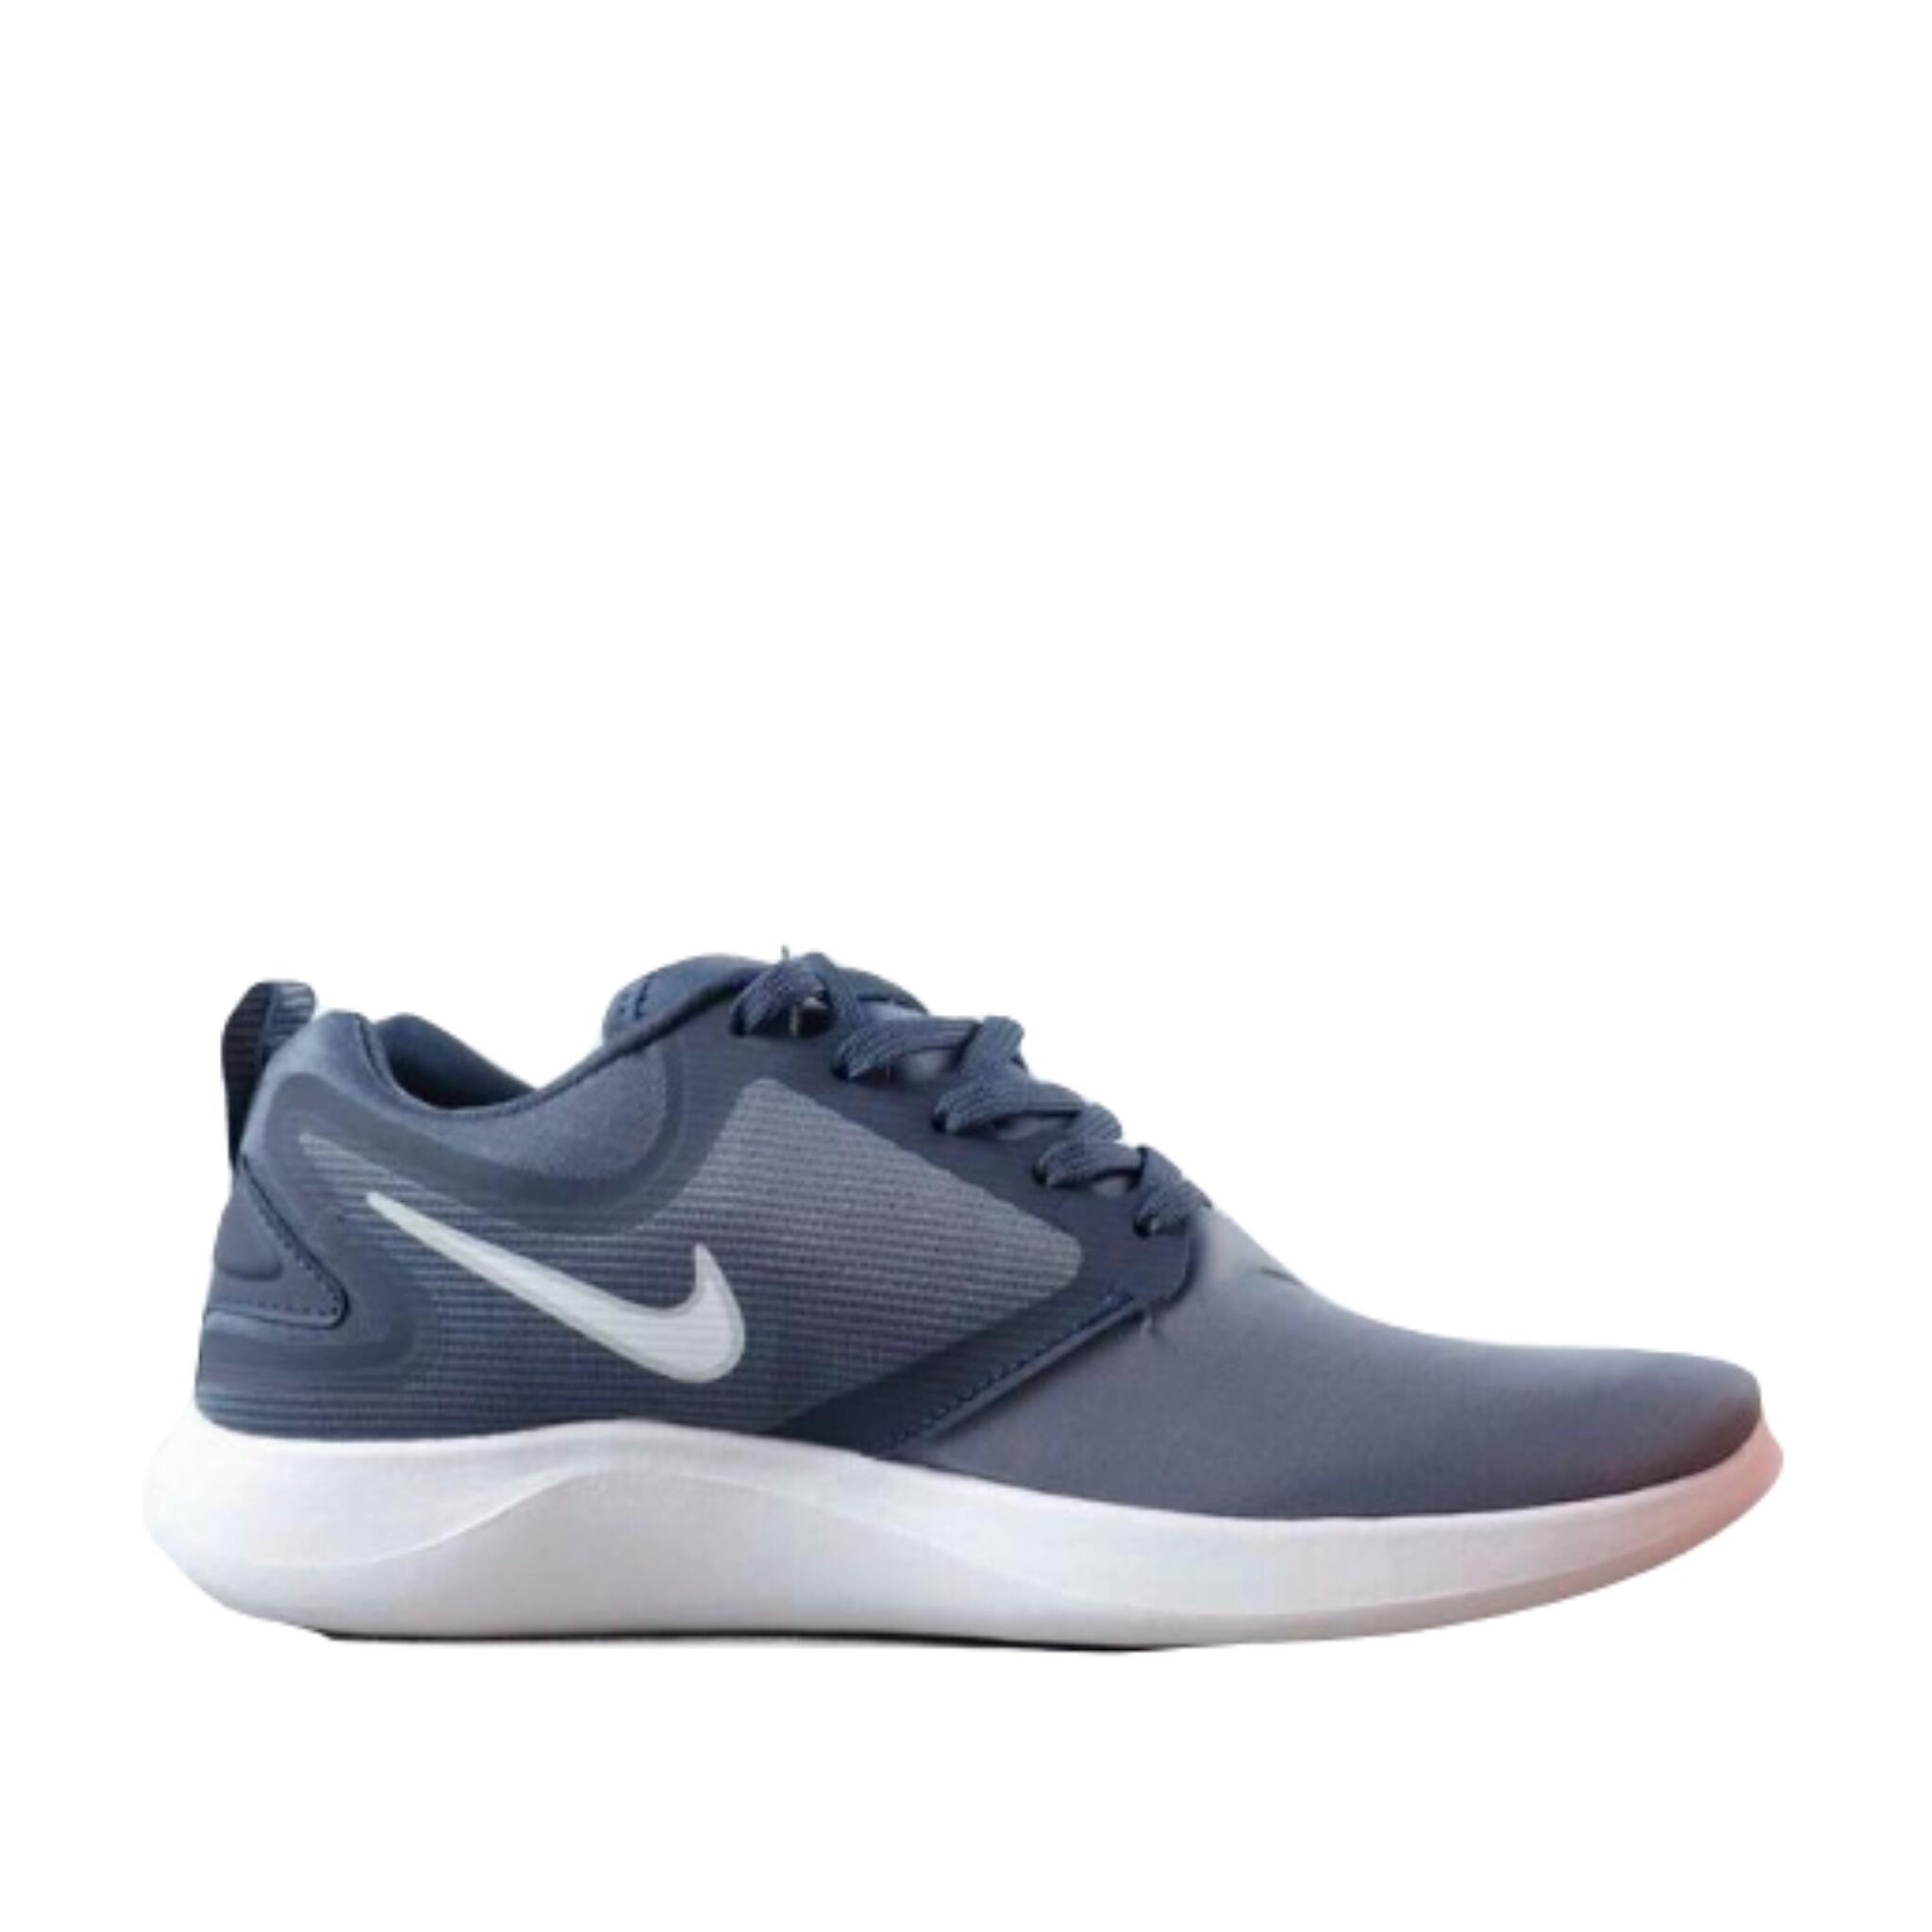 3b6a7722ca9f Nike LunarSolo Navy Blue - Buy Shoes Online In Pakistan